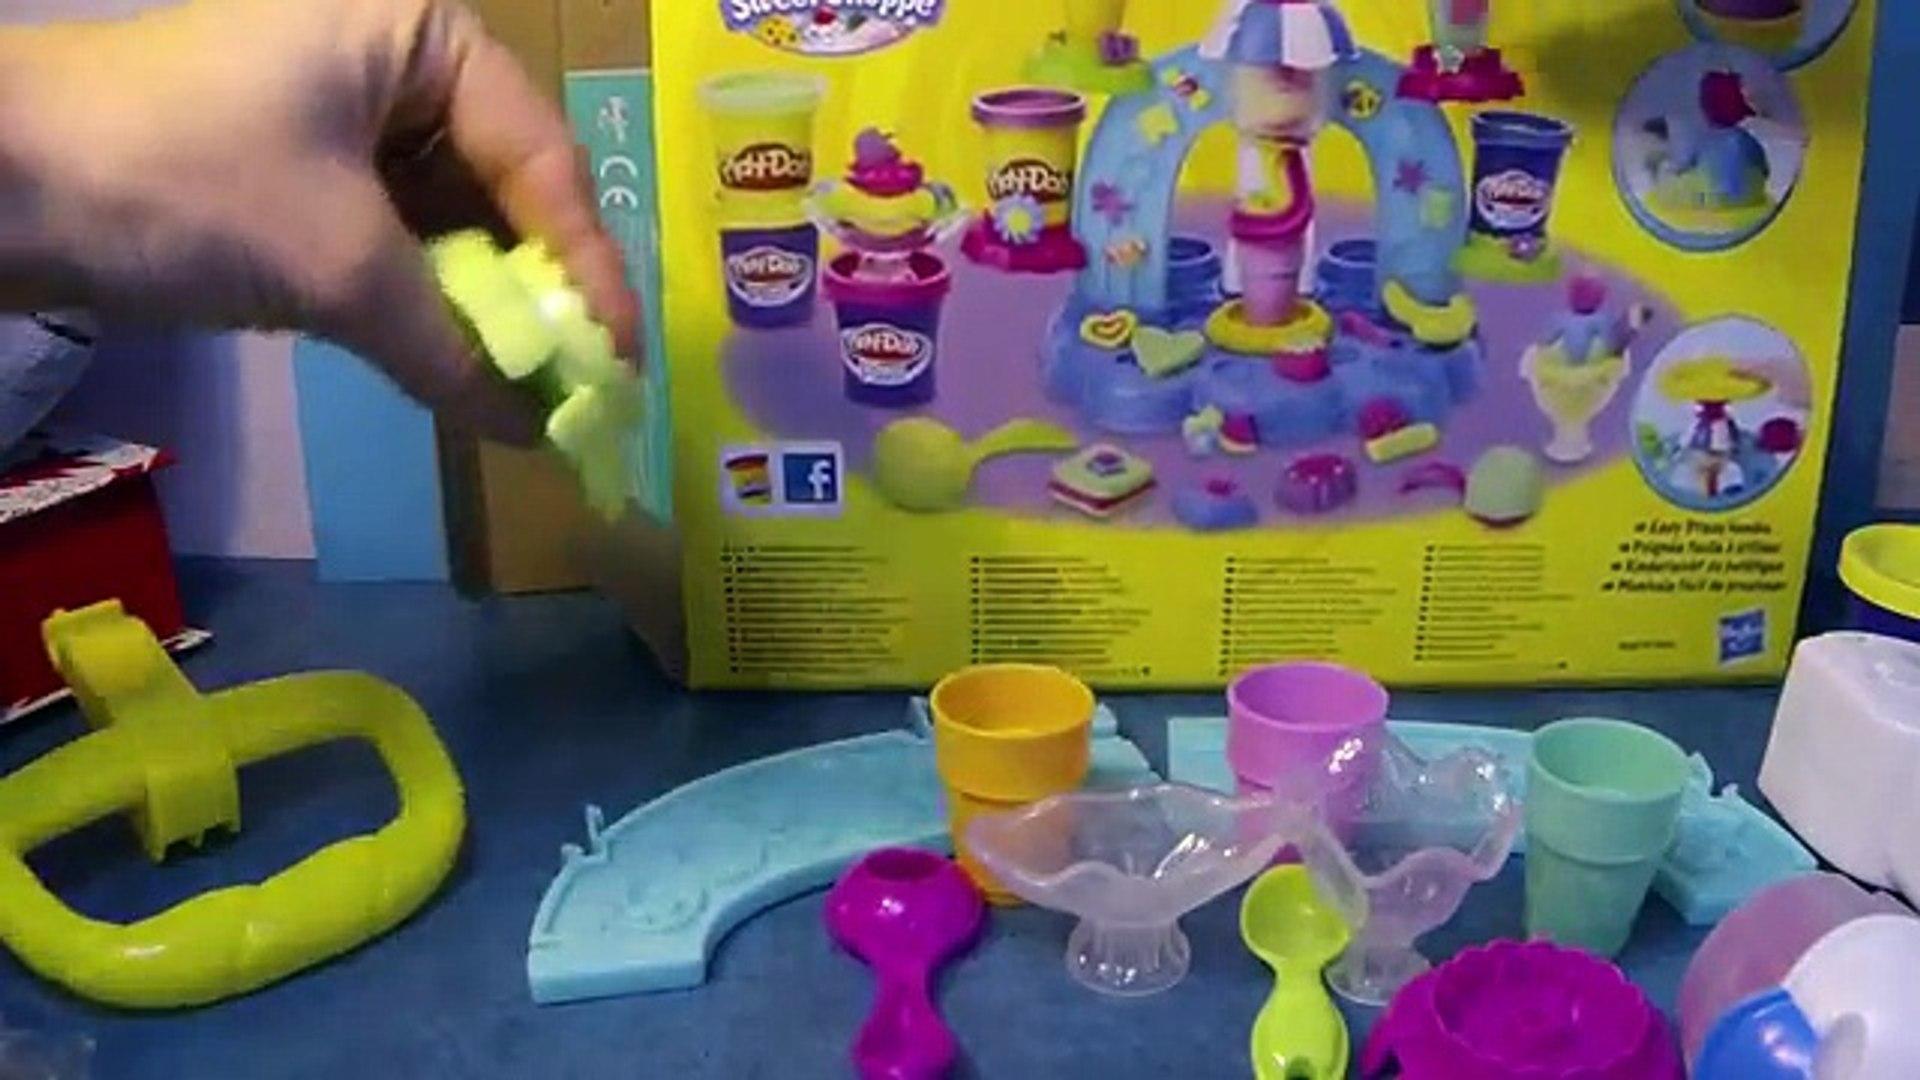 PLAY DOH Игры для детей мороженое завод льда и весело фрезы игры DOH